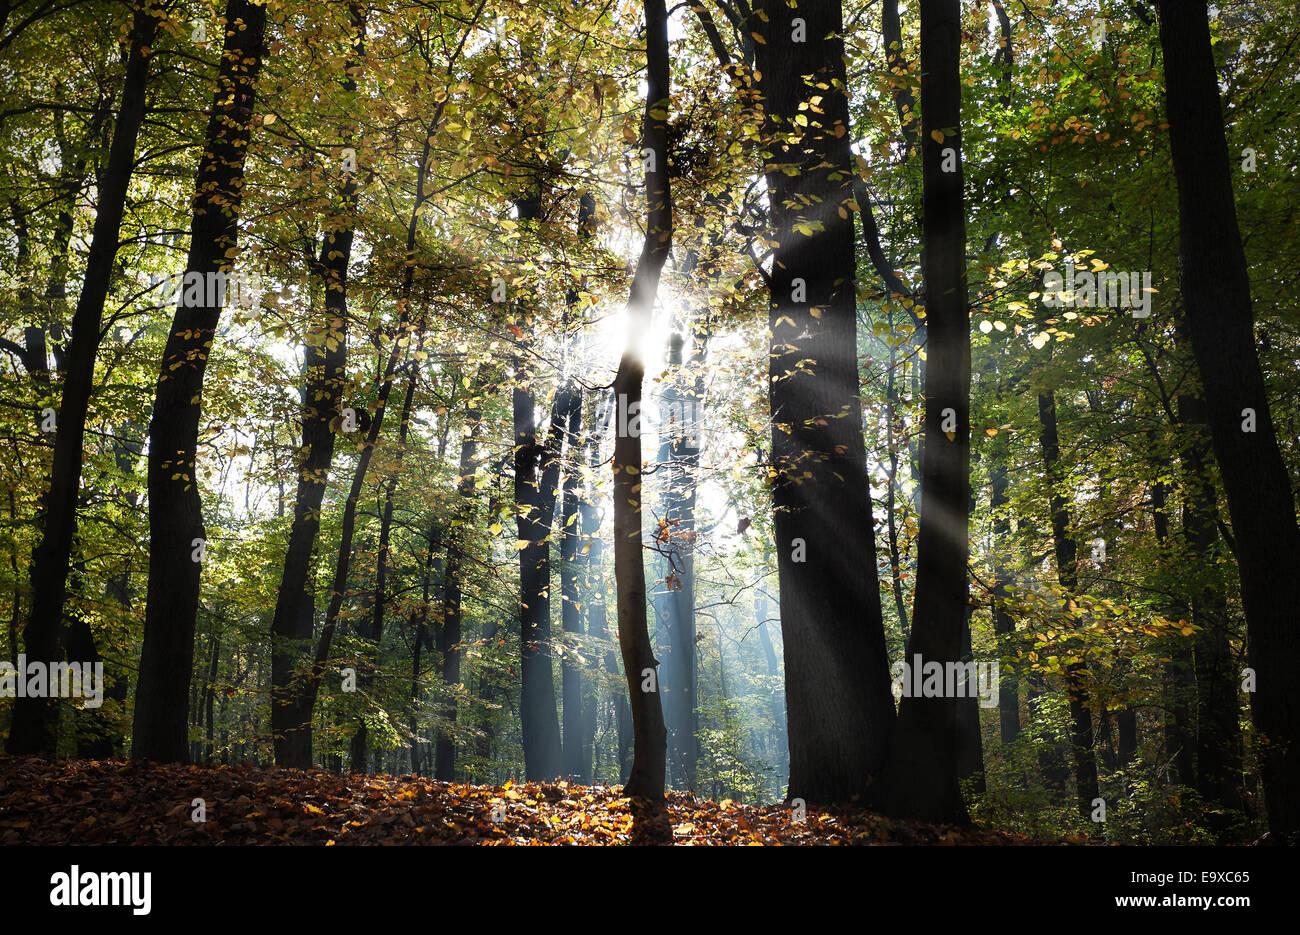 dark forest photos dark forest images alamy. Black Bedroom Furniture Sets. Home Design Ideas